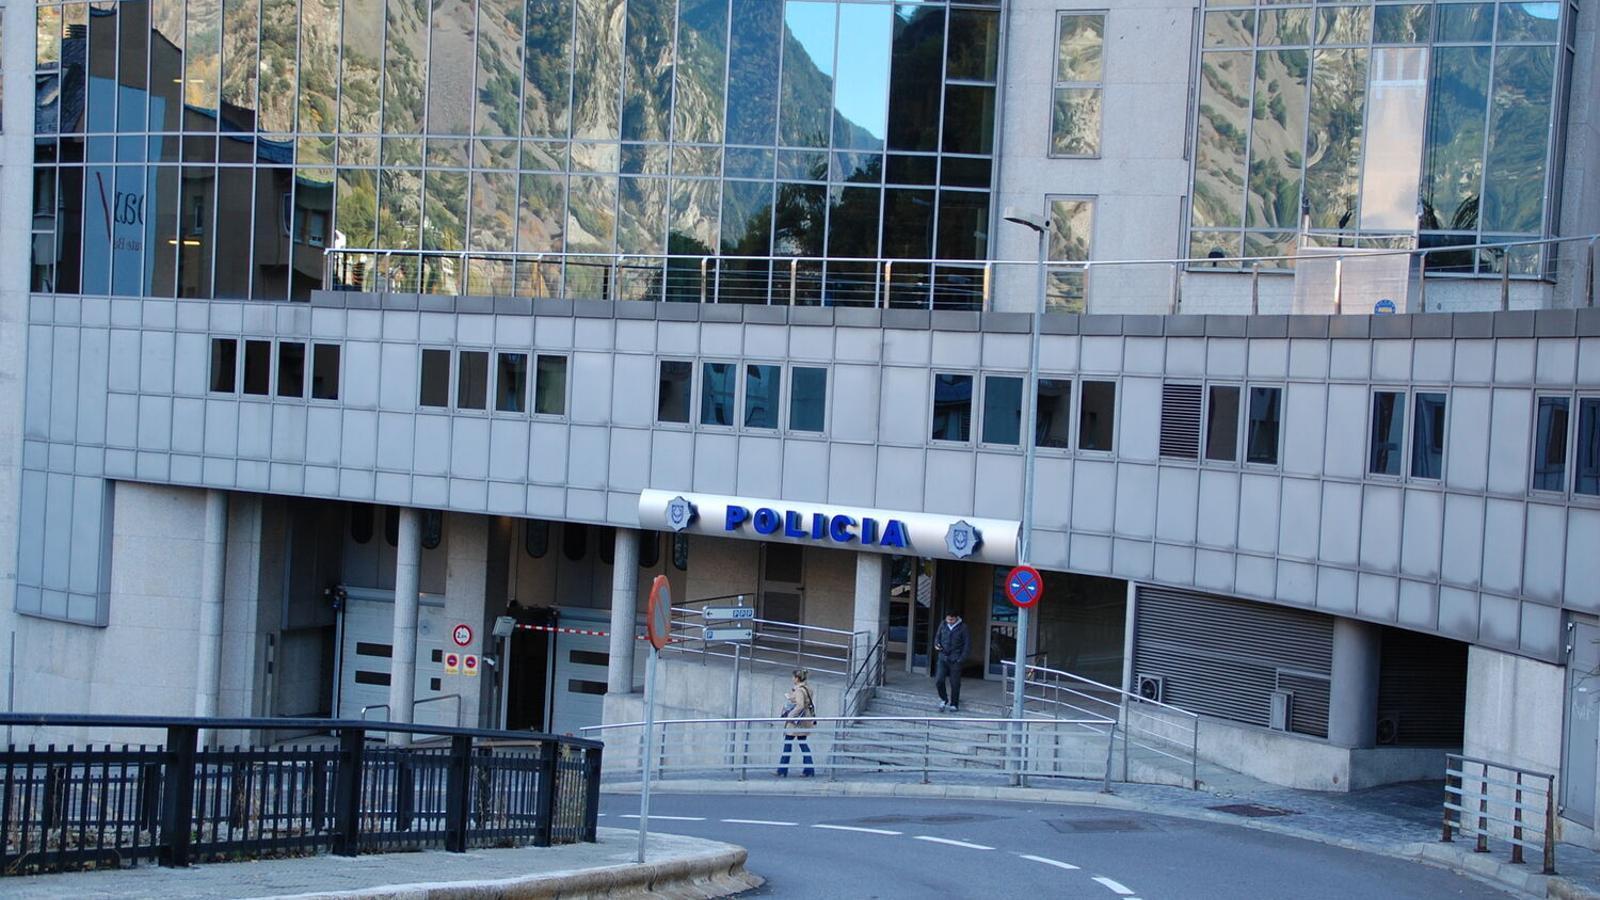 L'edifici central de la policia. / ARXIU ANA